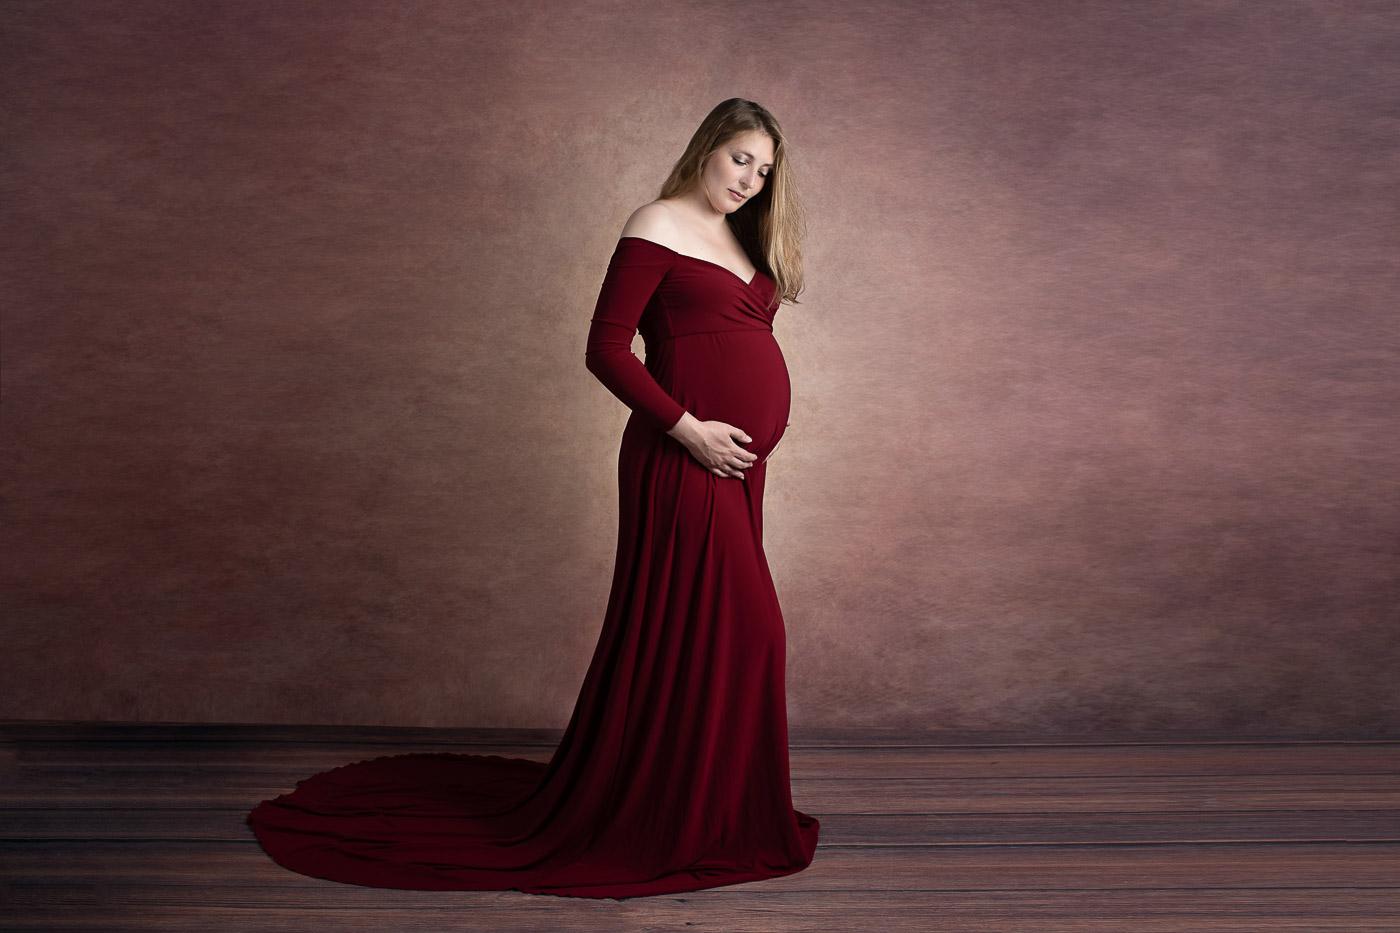 Fotos von Schwangere mit sichtbaren schönen Babybauch in der Natur oder Fotoshooting im Studio von BabyBauchfotografin Fernanda Cunha in Bad Segeberg für Lübeck, Bad Oldesloe, Eutin, Neumünster, Hamburg.